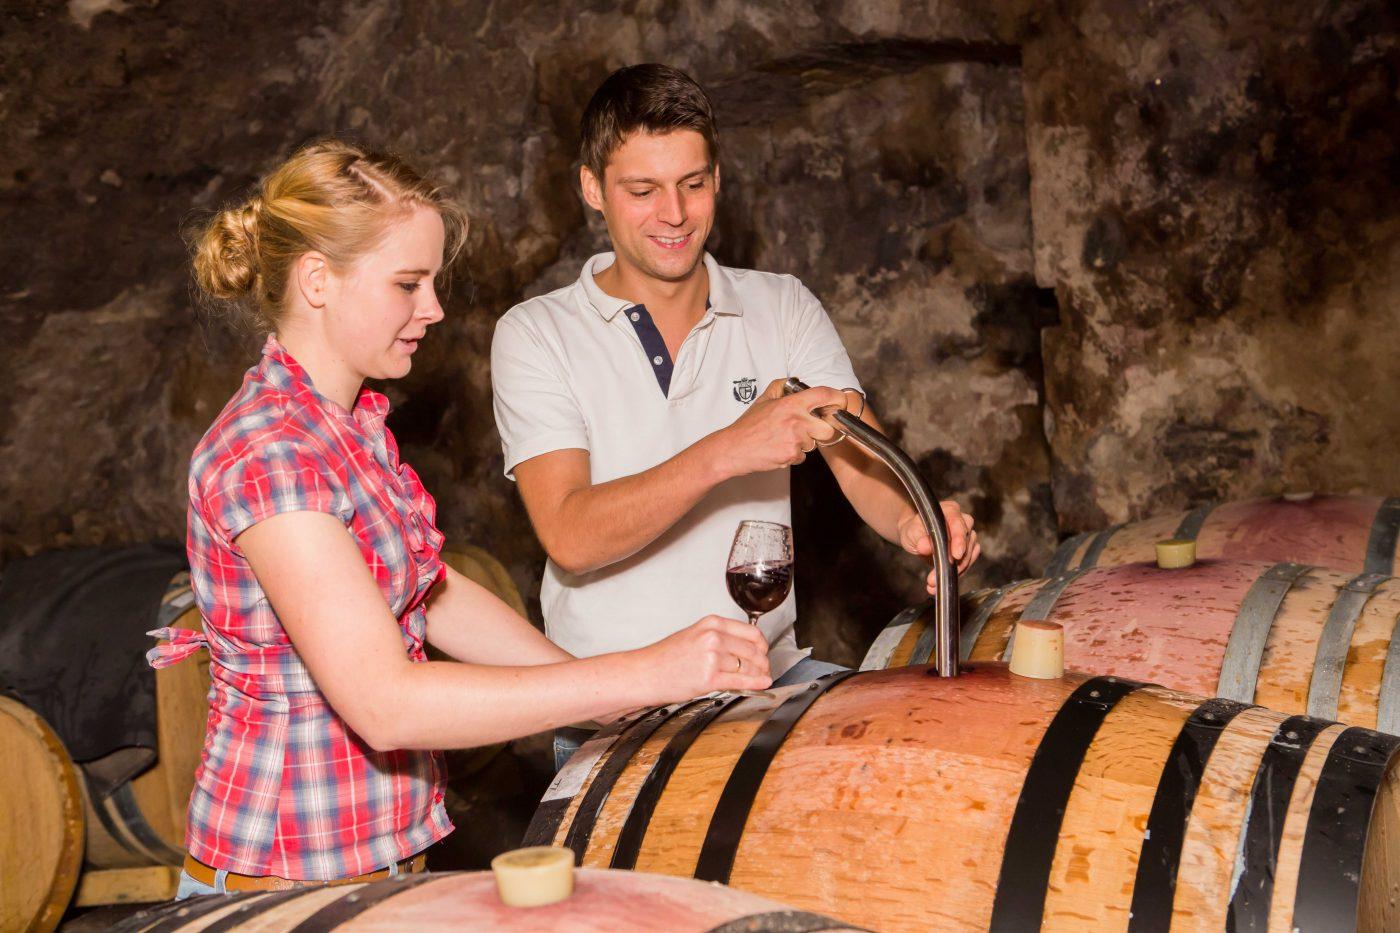 Lisa Bunn und ihr Mann bei der Weinprobe am Fass